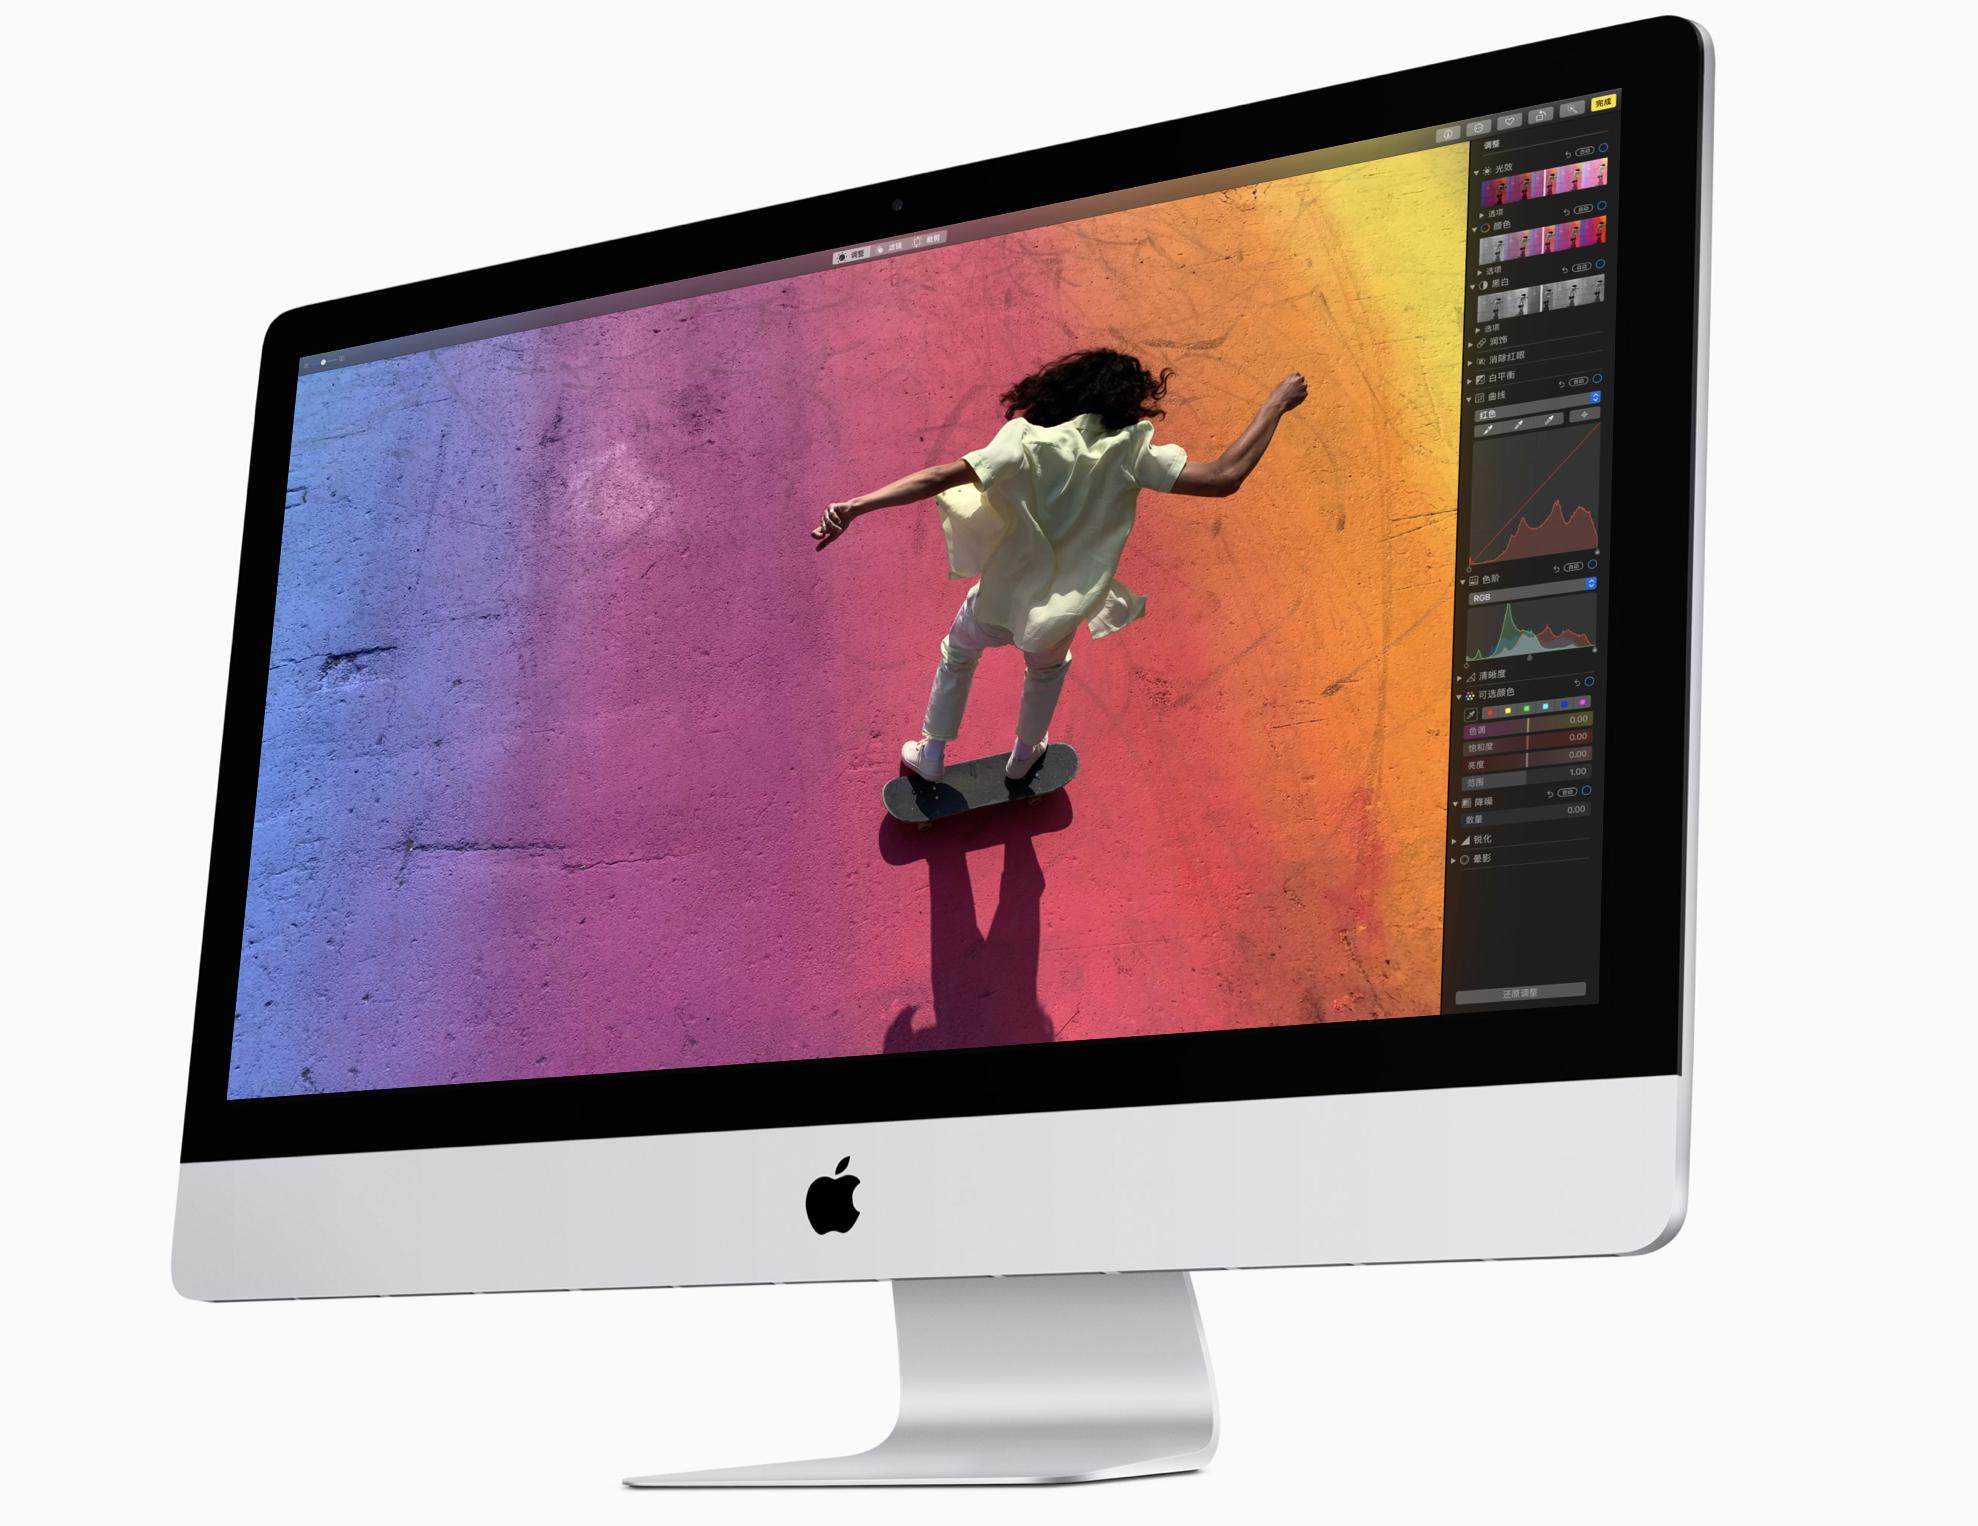 产品线更新完成,细数 Mac 电脑暑期选购指南